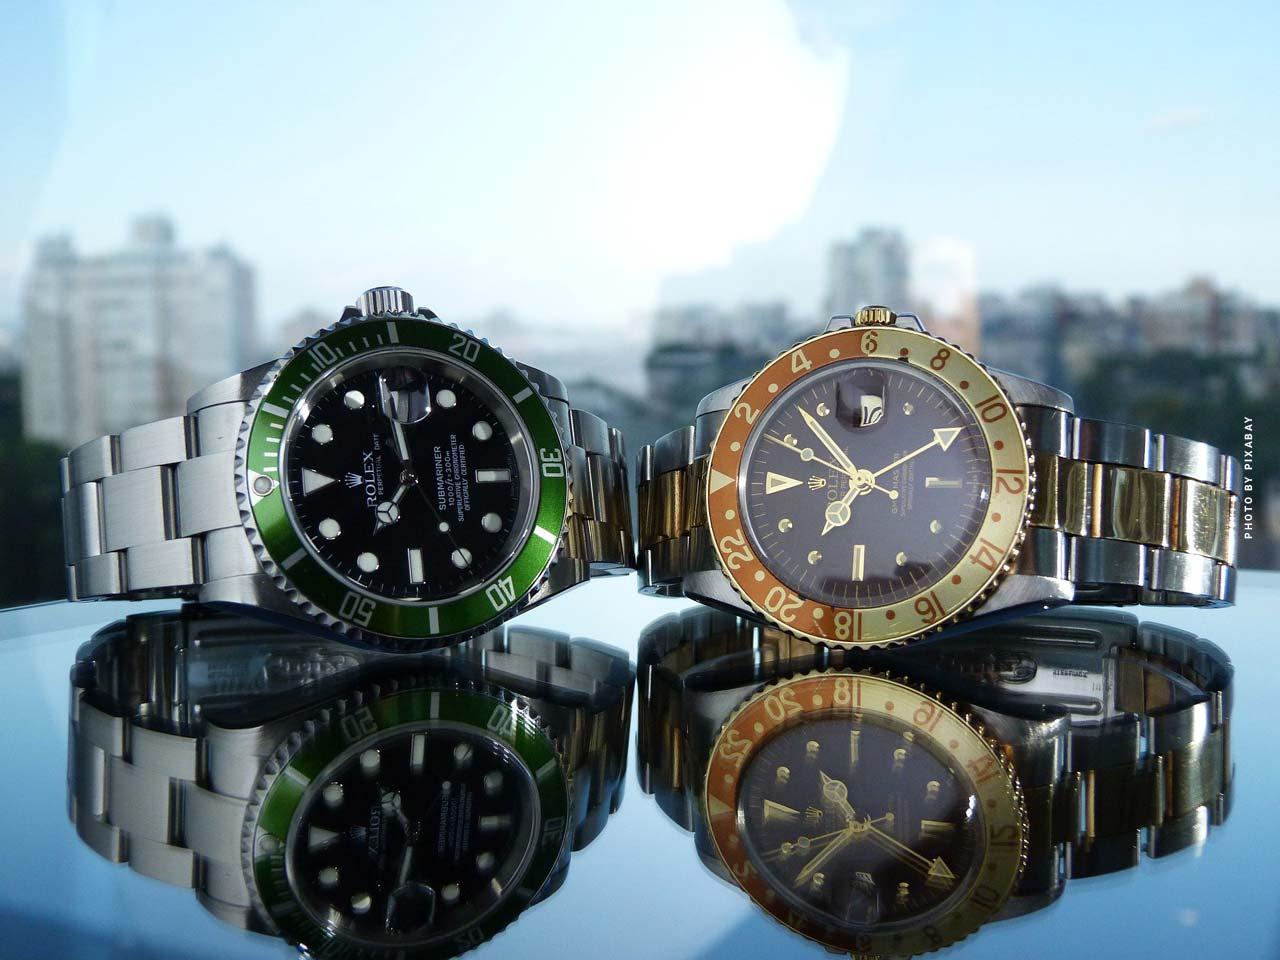 El reloj Rolex más caro: Price & modelos Daytona, Day Date, Submariner - Top10